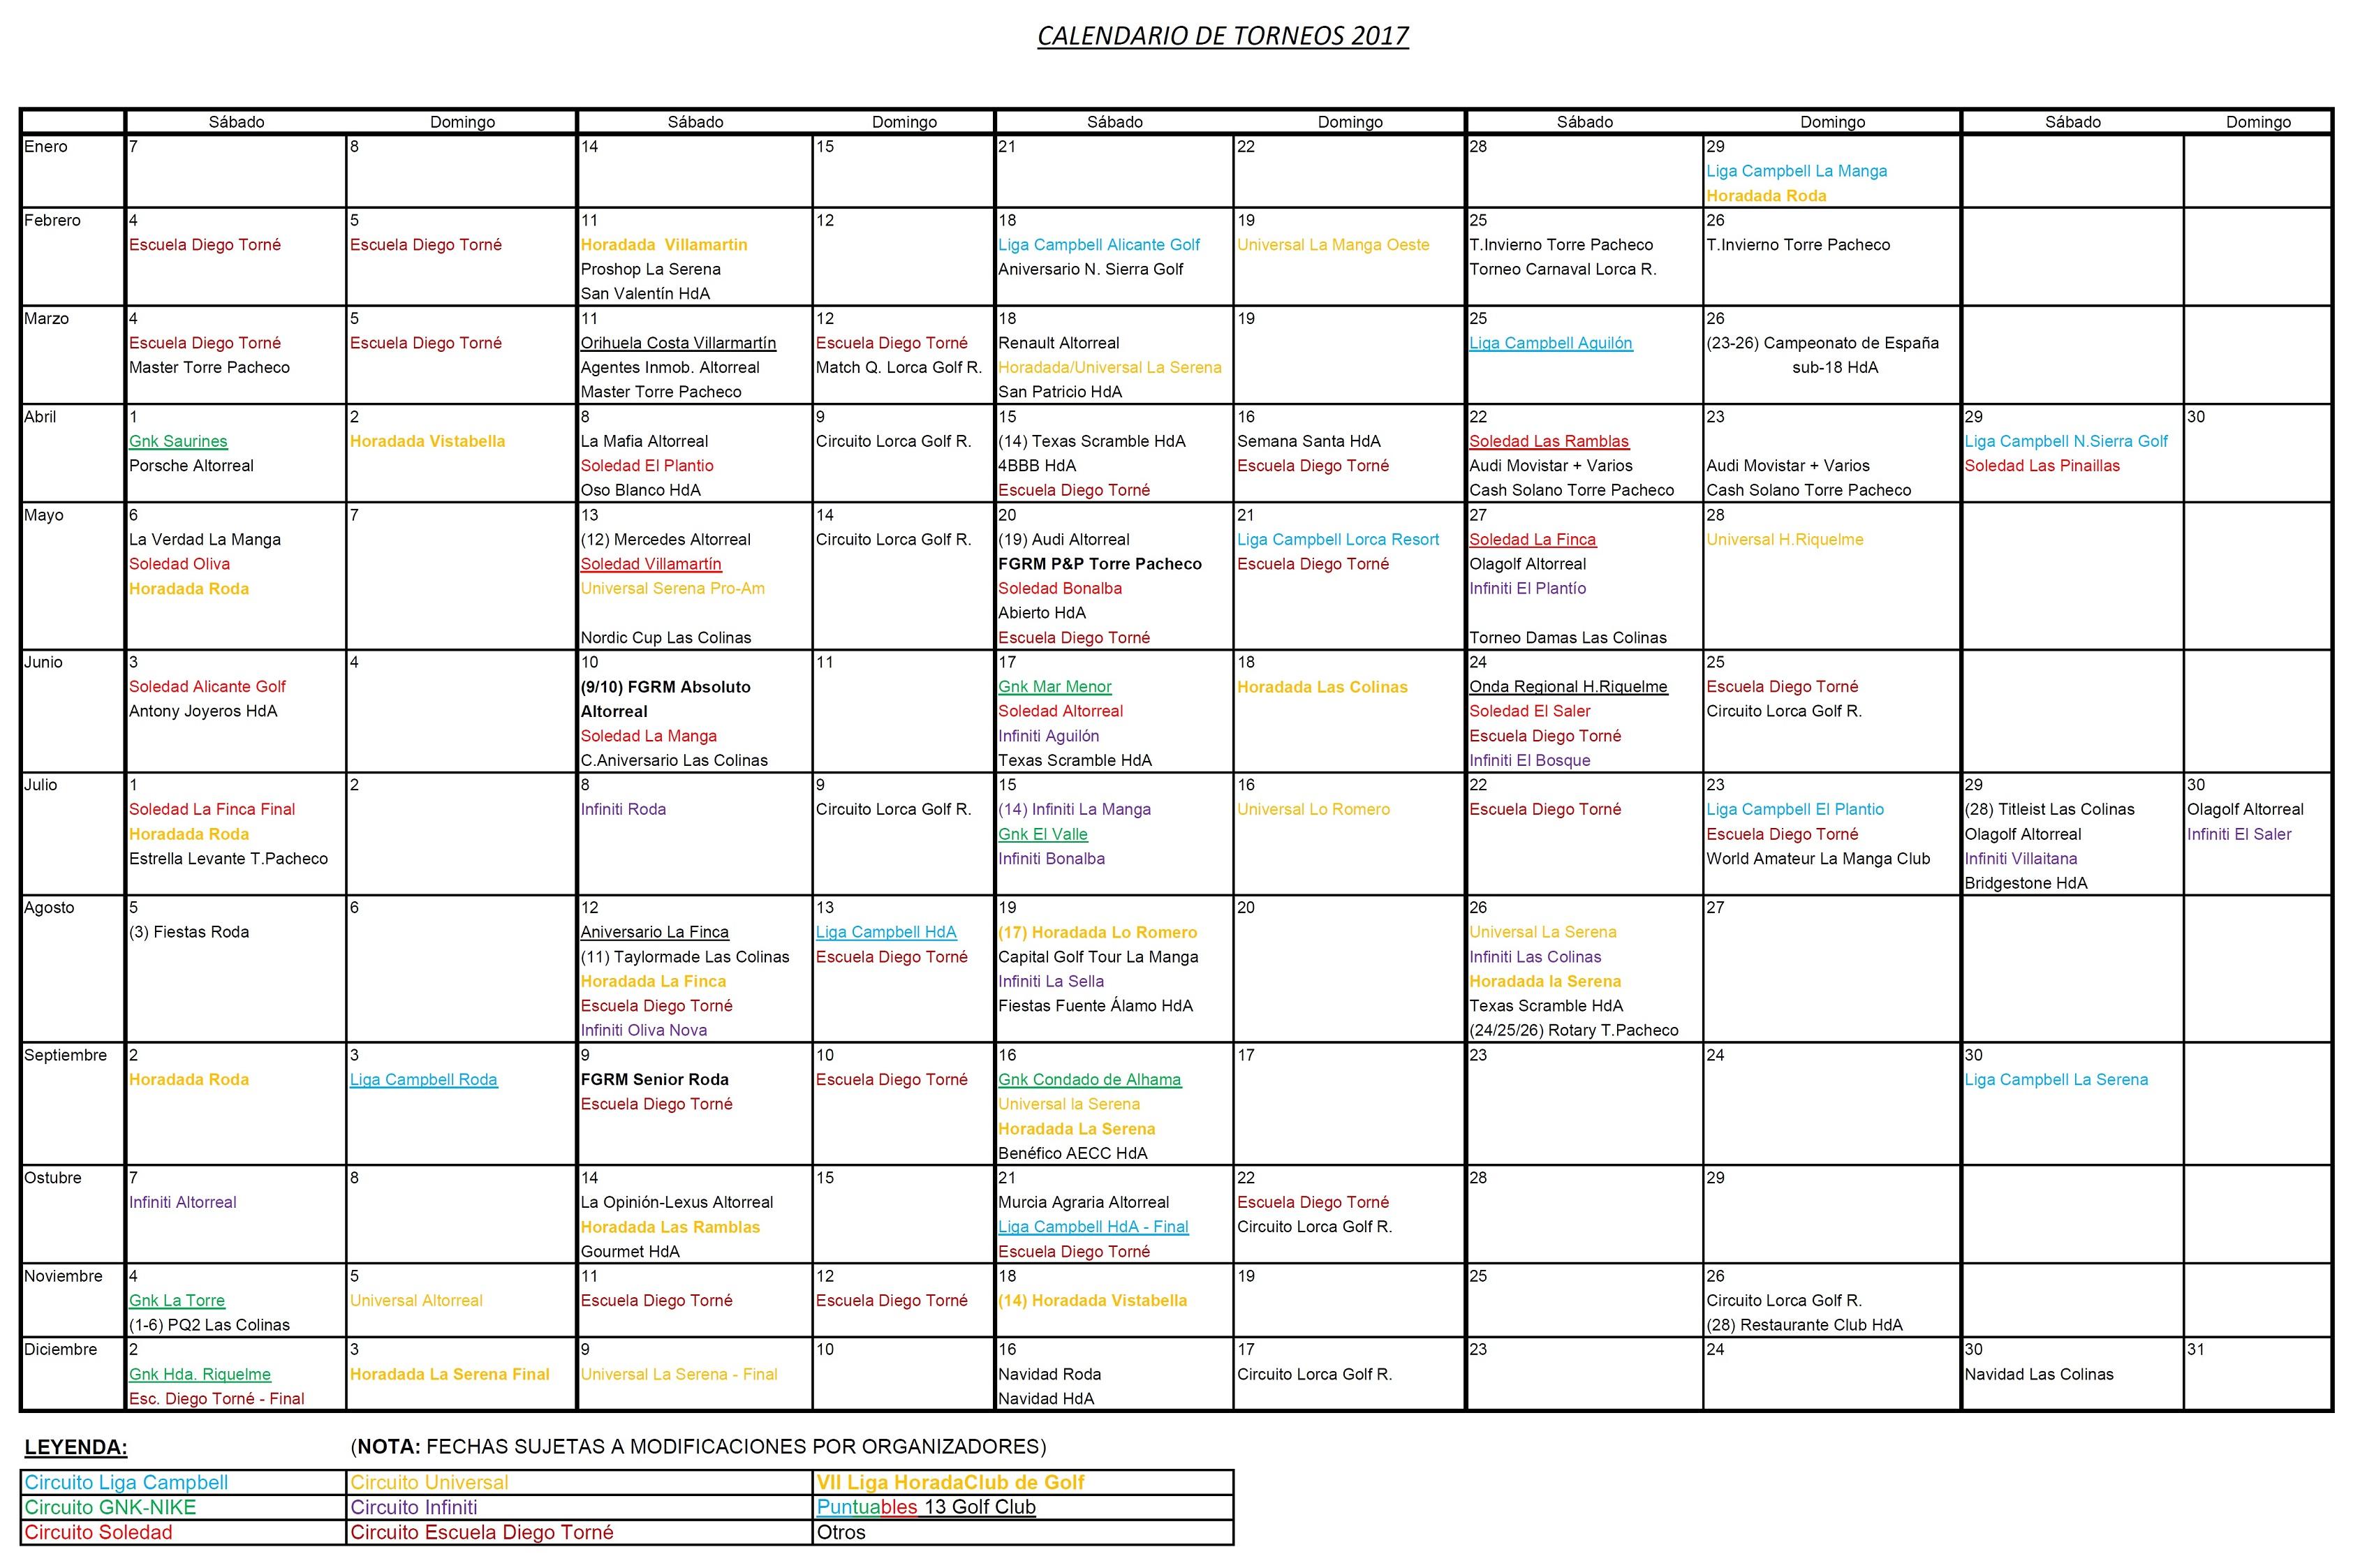 170328 Actualización de Calendario de Torneos